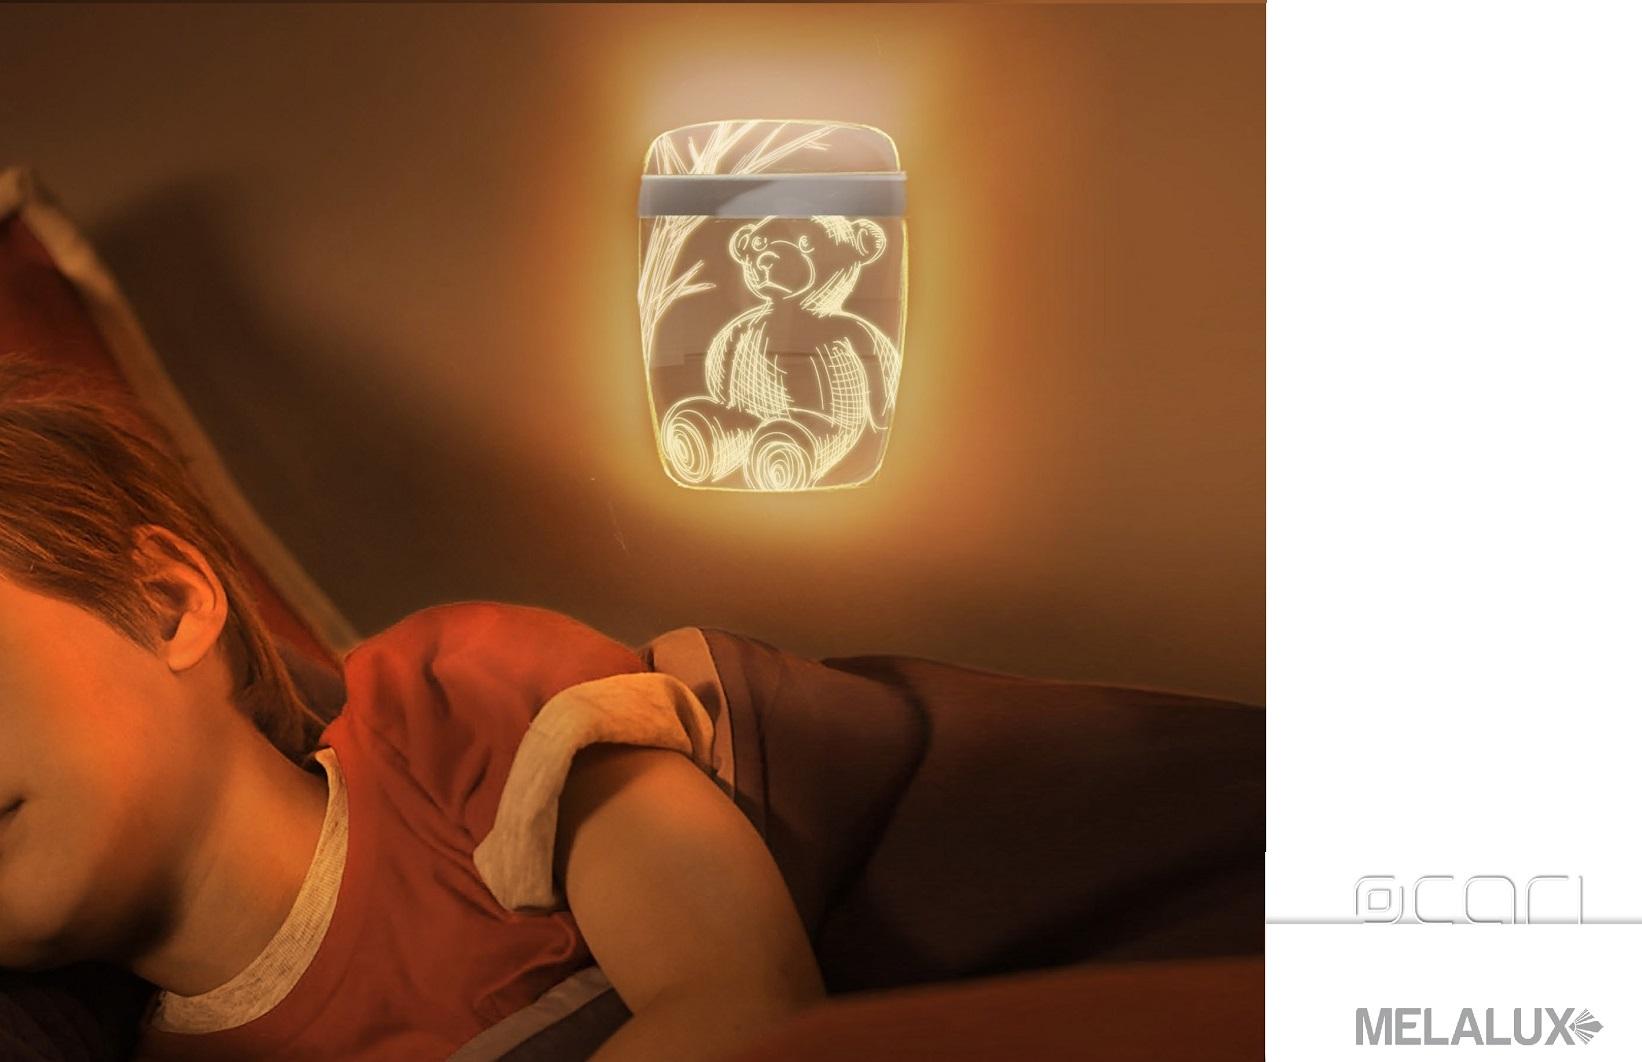 Çocuklara özel figürlerle MELALUX Bebek odası lambası